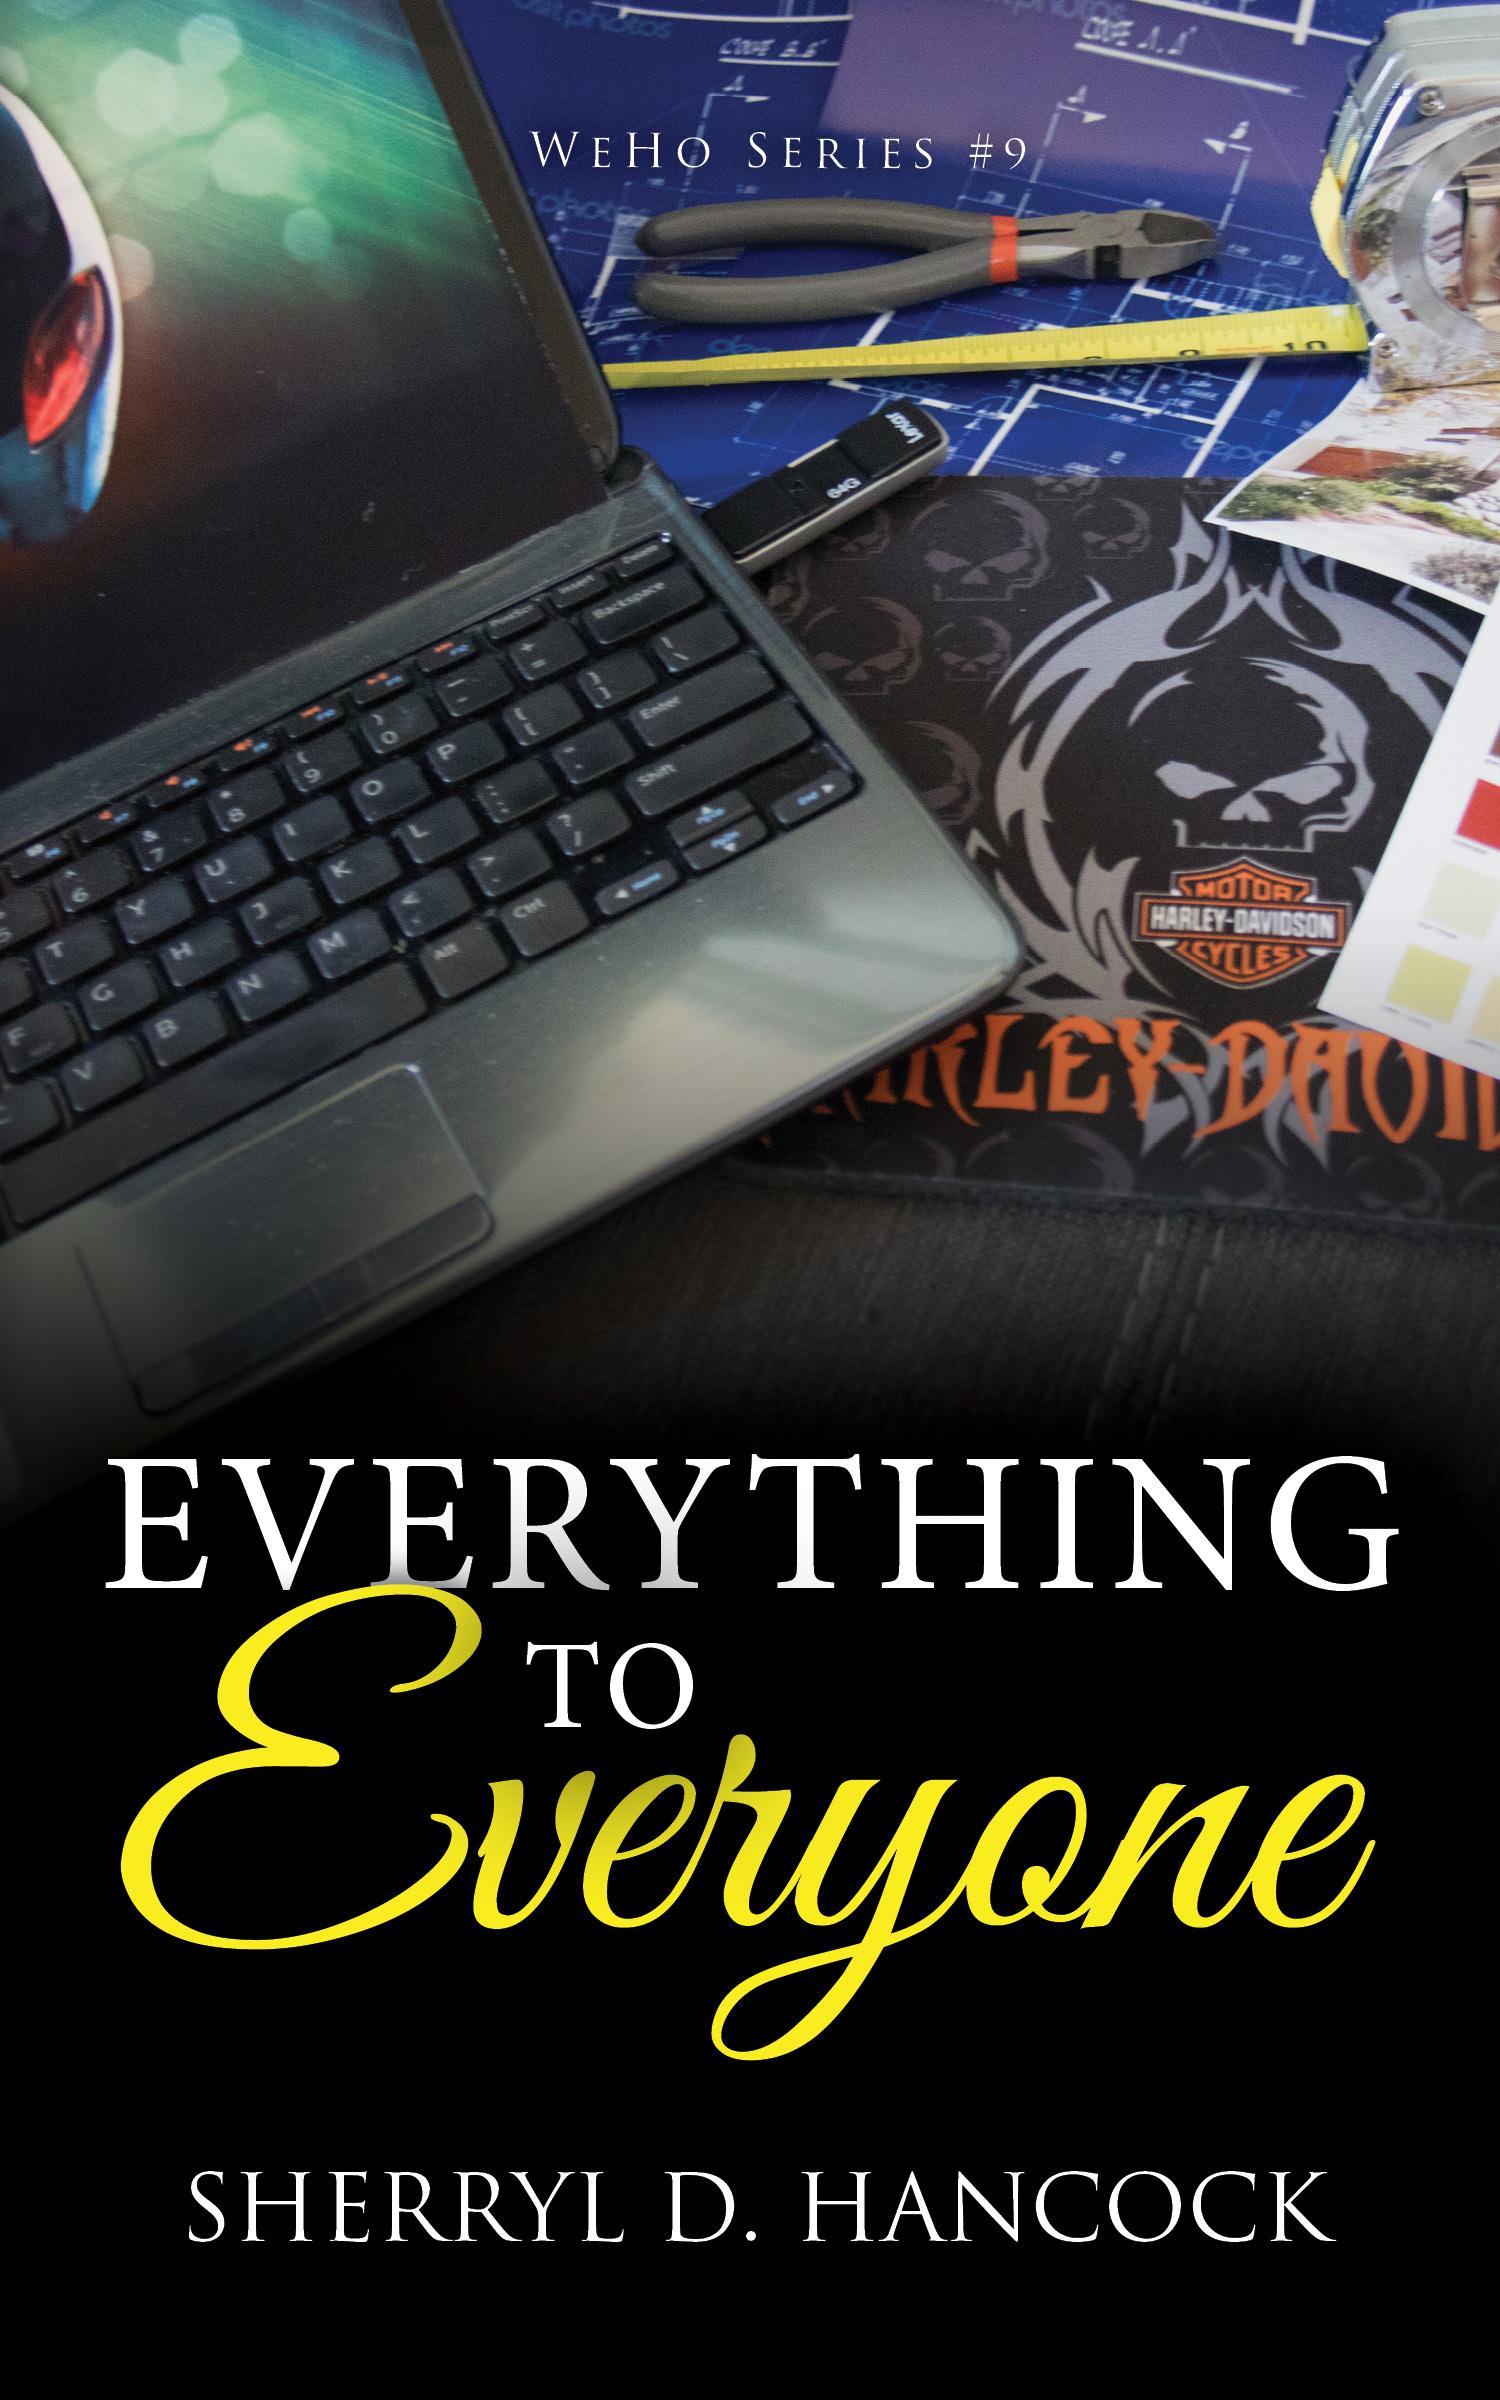 Everything to Everyone.jpg